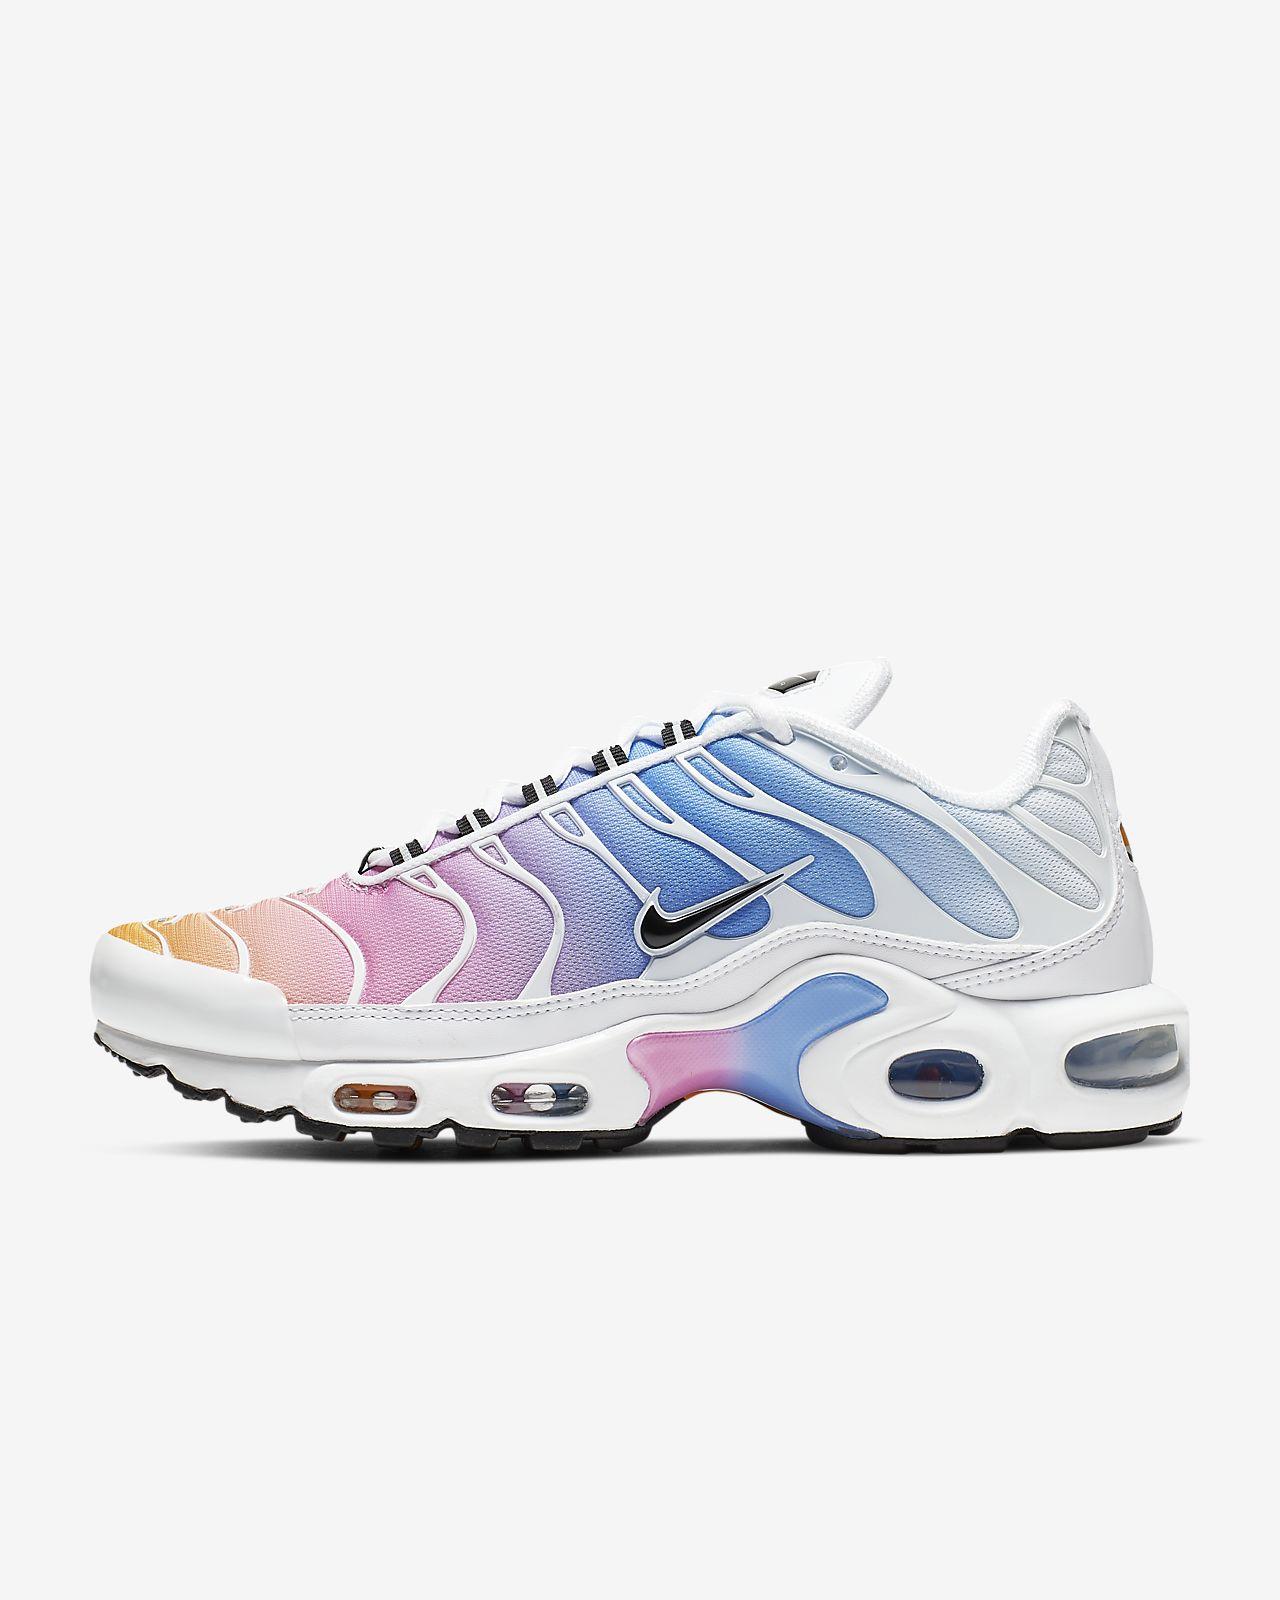 chaussure nike air max plus femme blanc